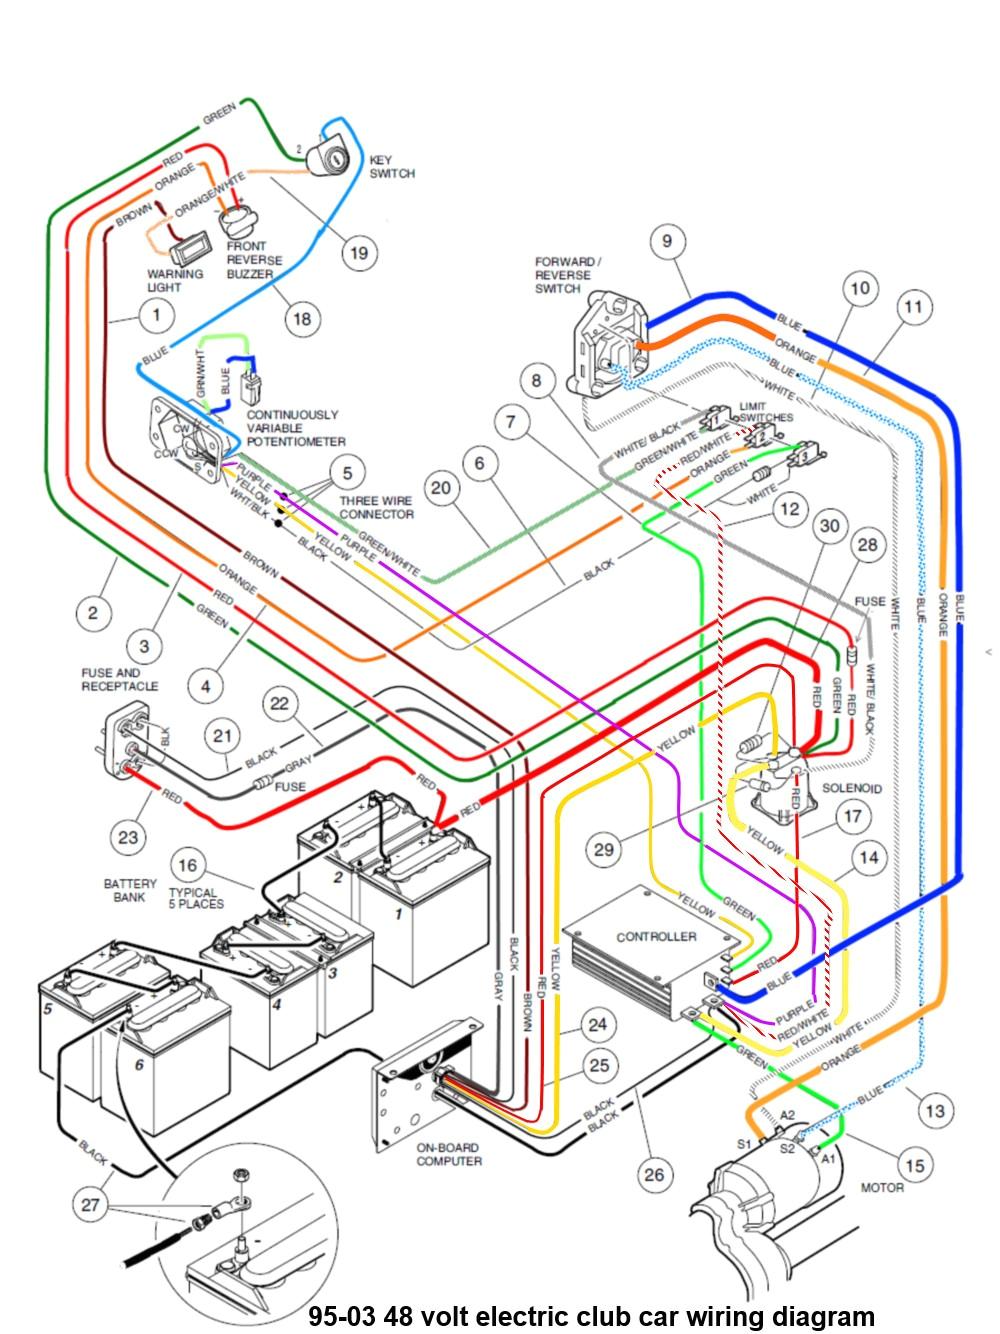 2003 Club Car Ds Wiring Diagram Wiring Diagram Club Car 2000 Wiring Diagram for You